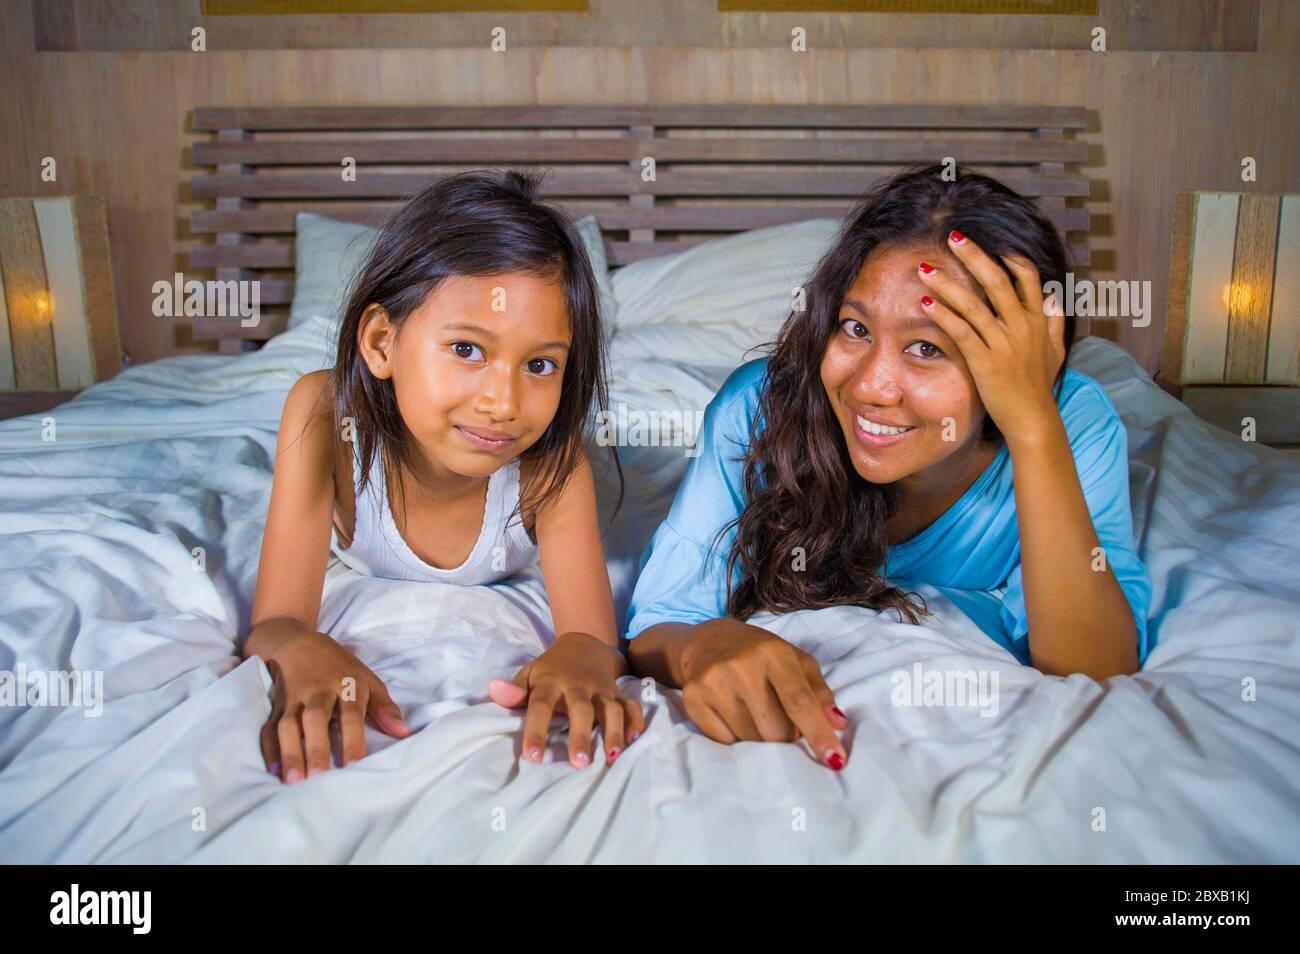 Portrait de la chambre de style de vie d'une femme asiatique heureuse à la maison posant avec sa belle fille de 8 ans dans le lit souriant ludique gai en mère et Banque D'Images